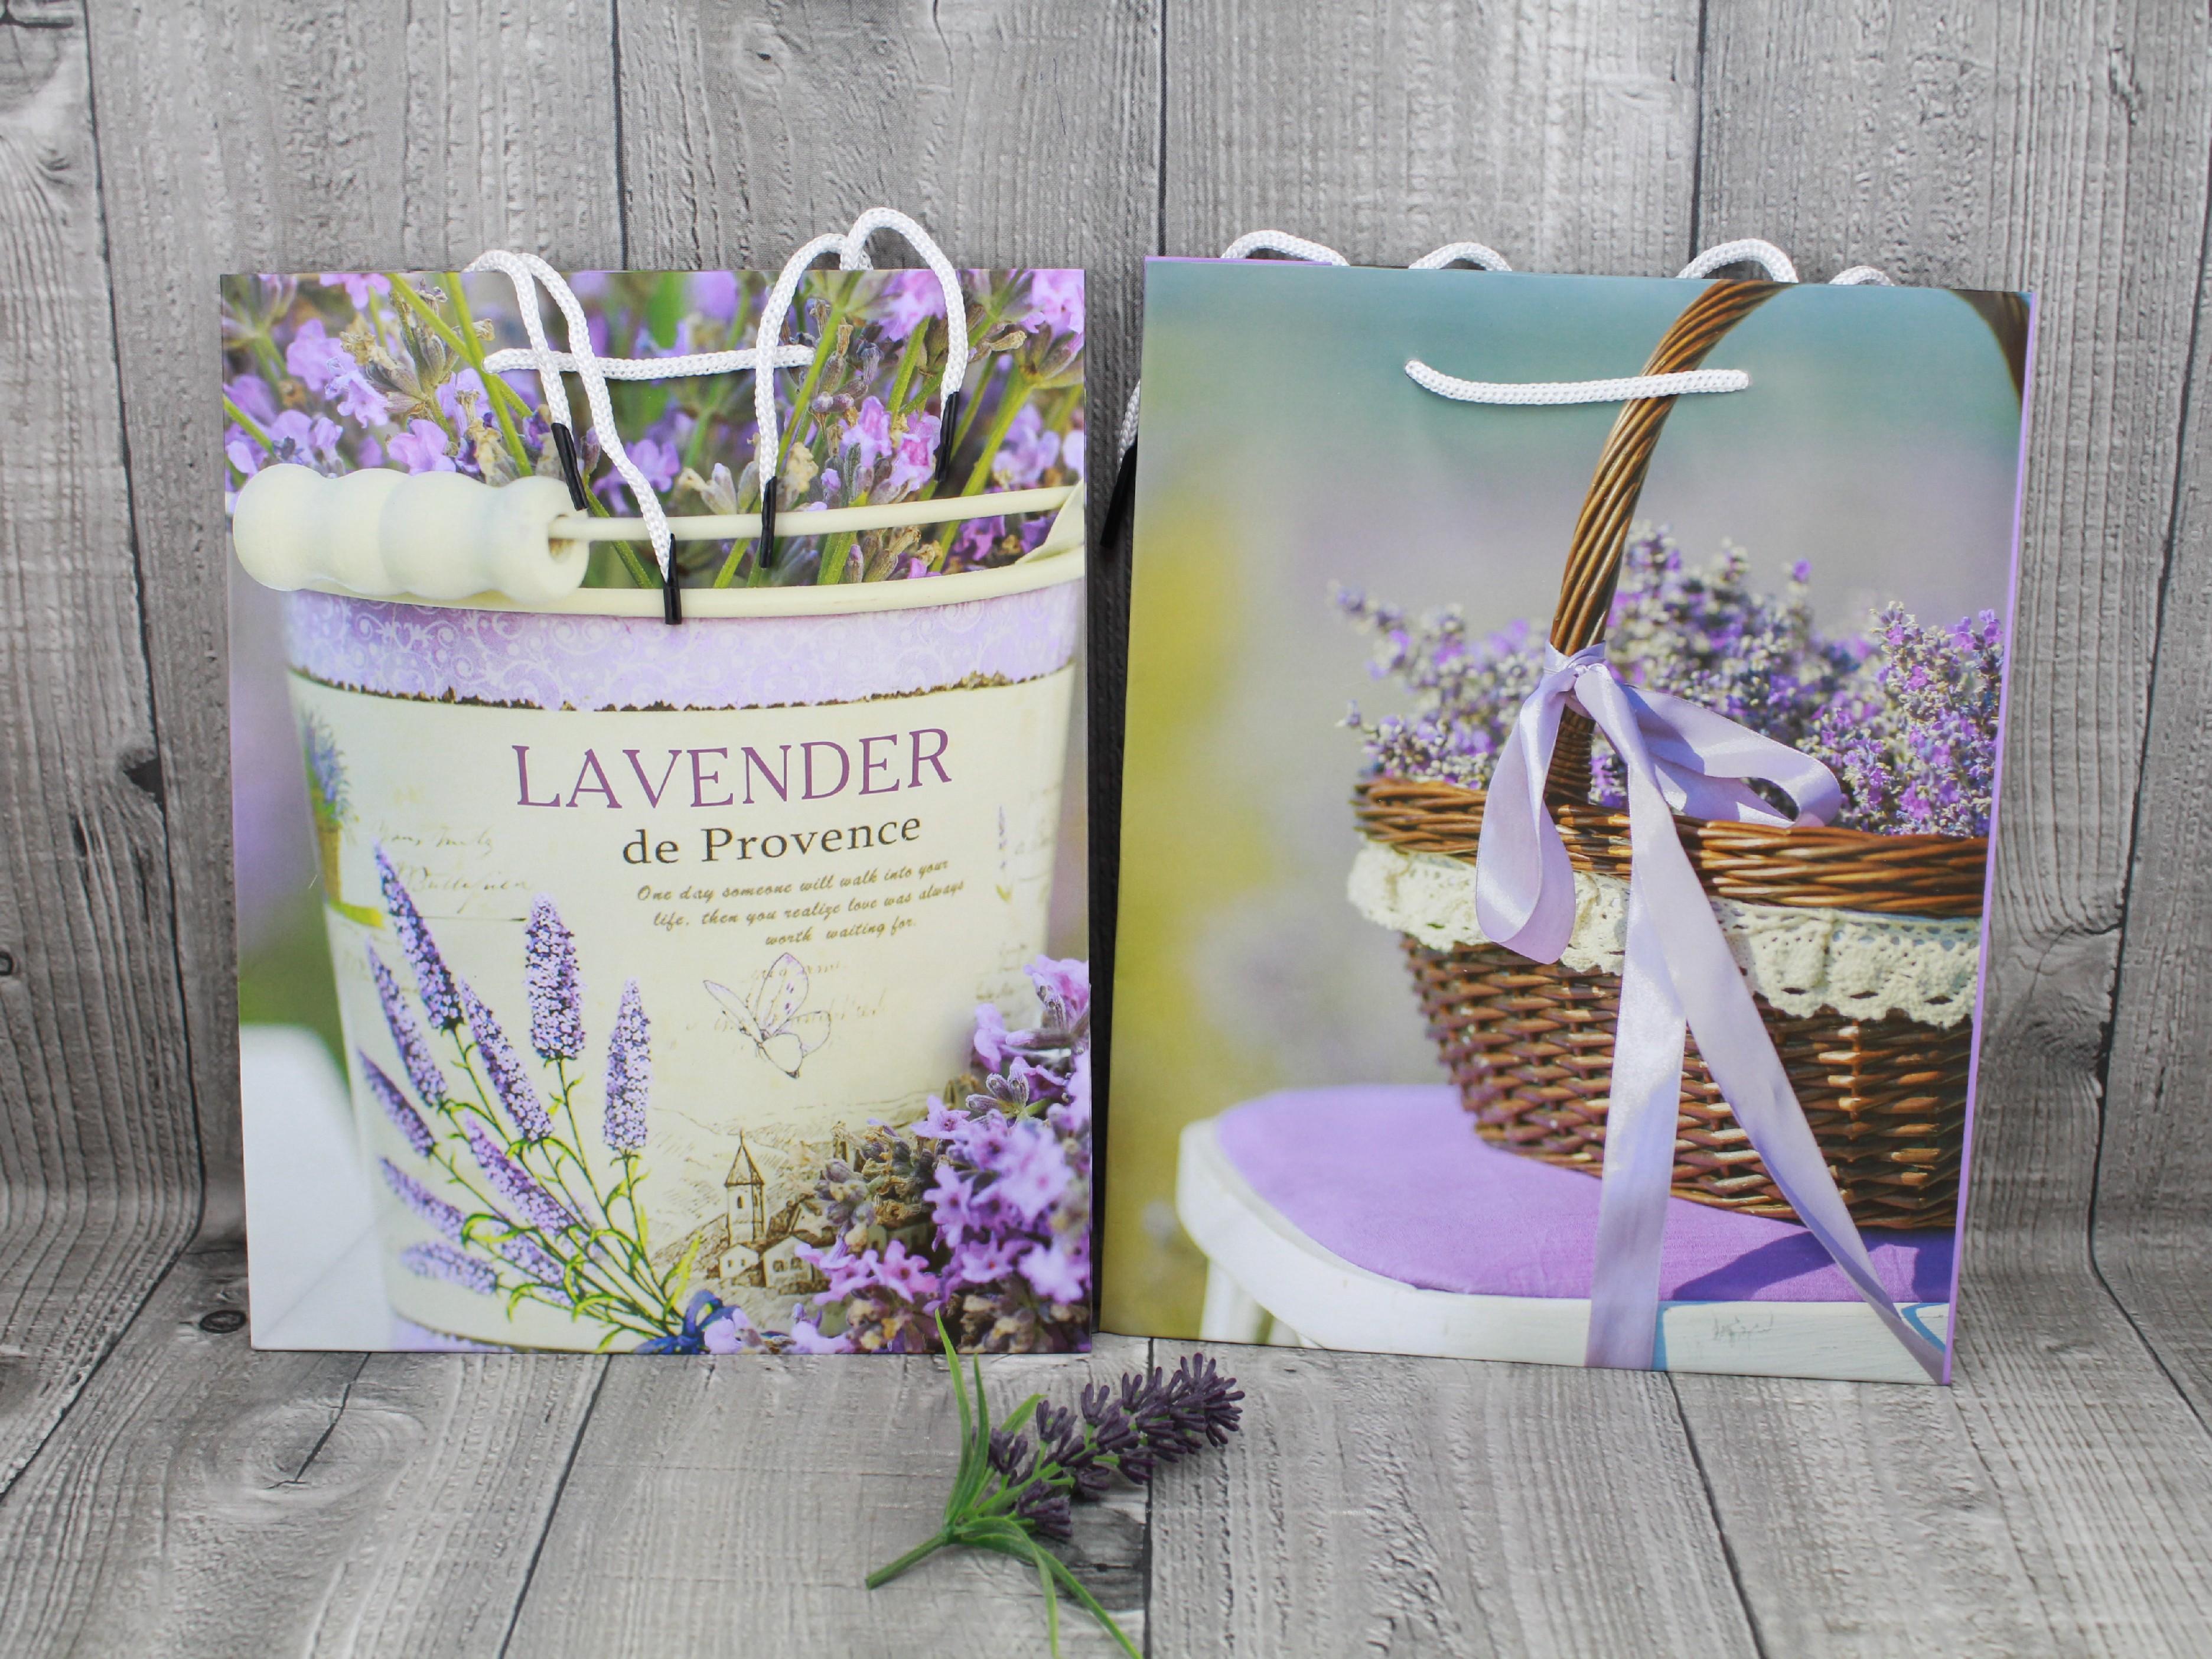 Tašky dárkové střední-Provence, sada 2 kusy počet kusů: sada 2 kusy